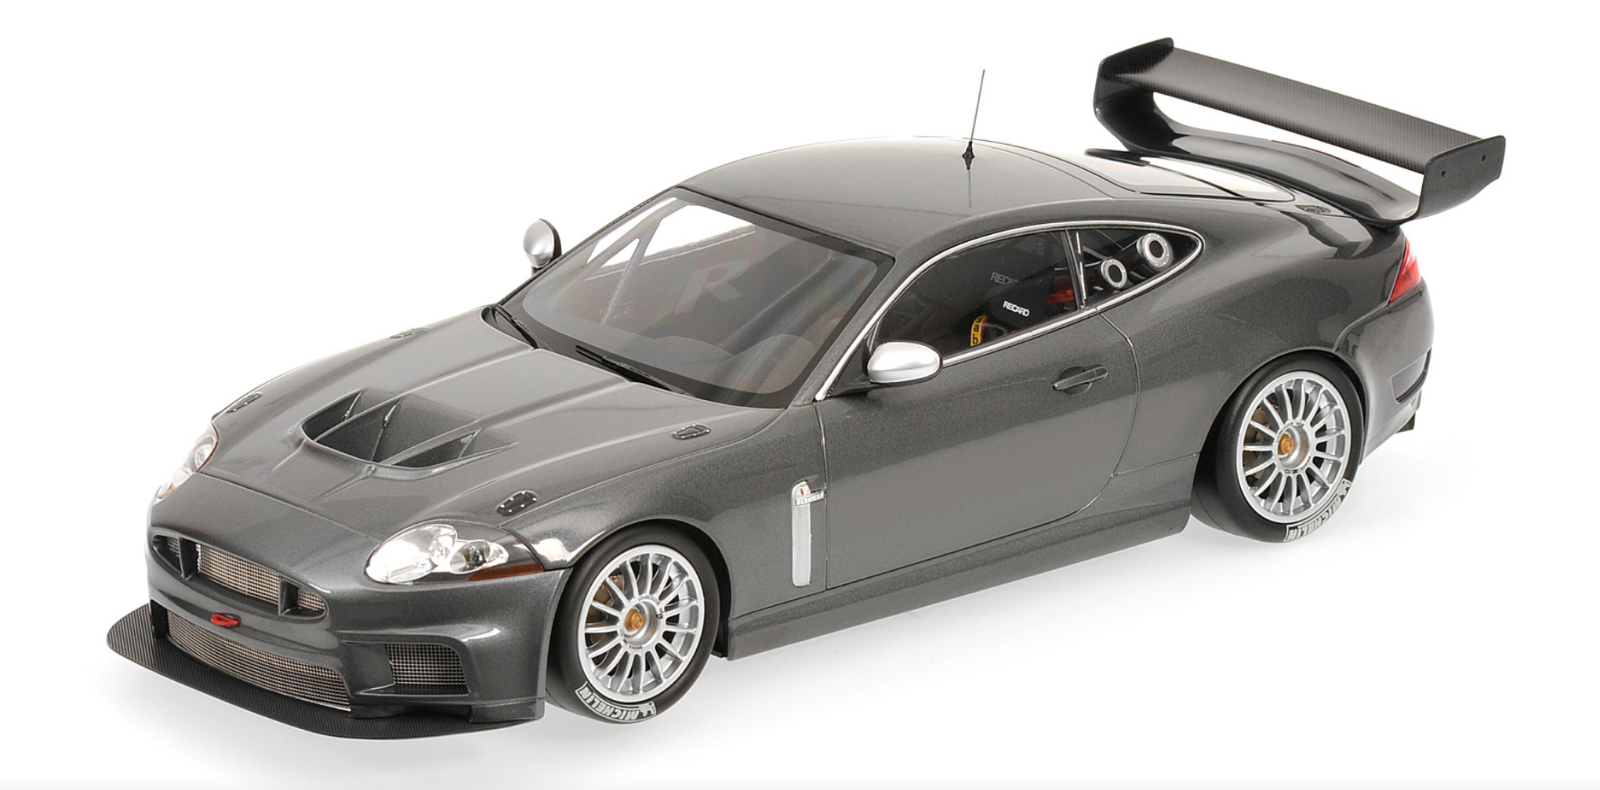 1 18 Jaguar XKR GT3 2008 1 18 • MINICHAMPS 150081390